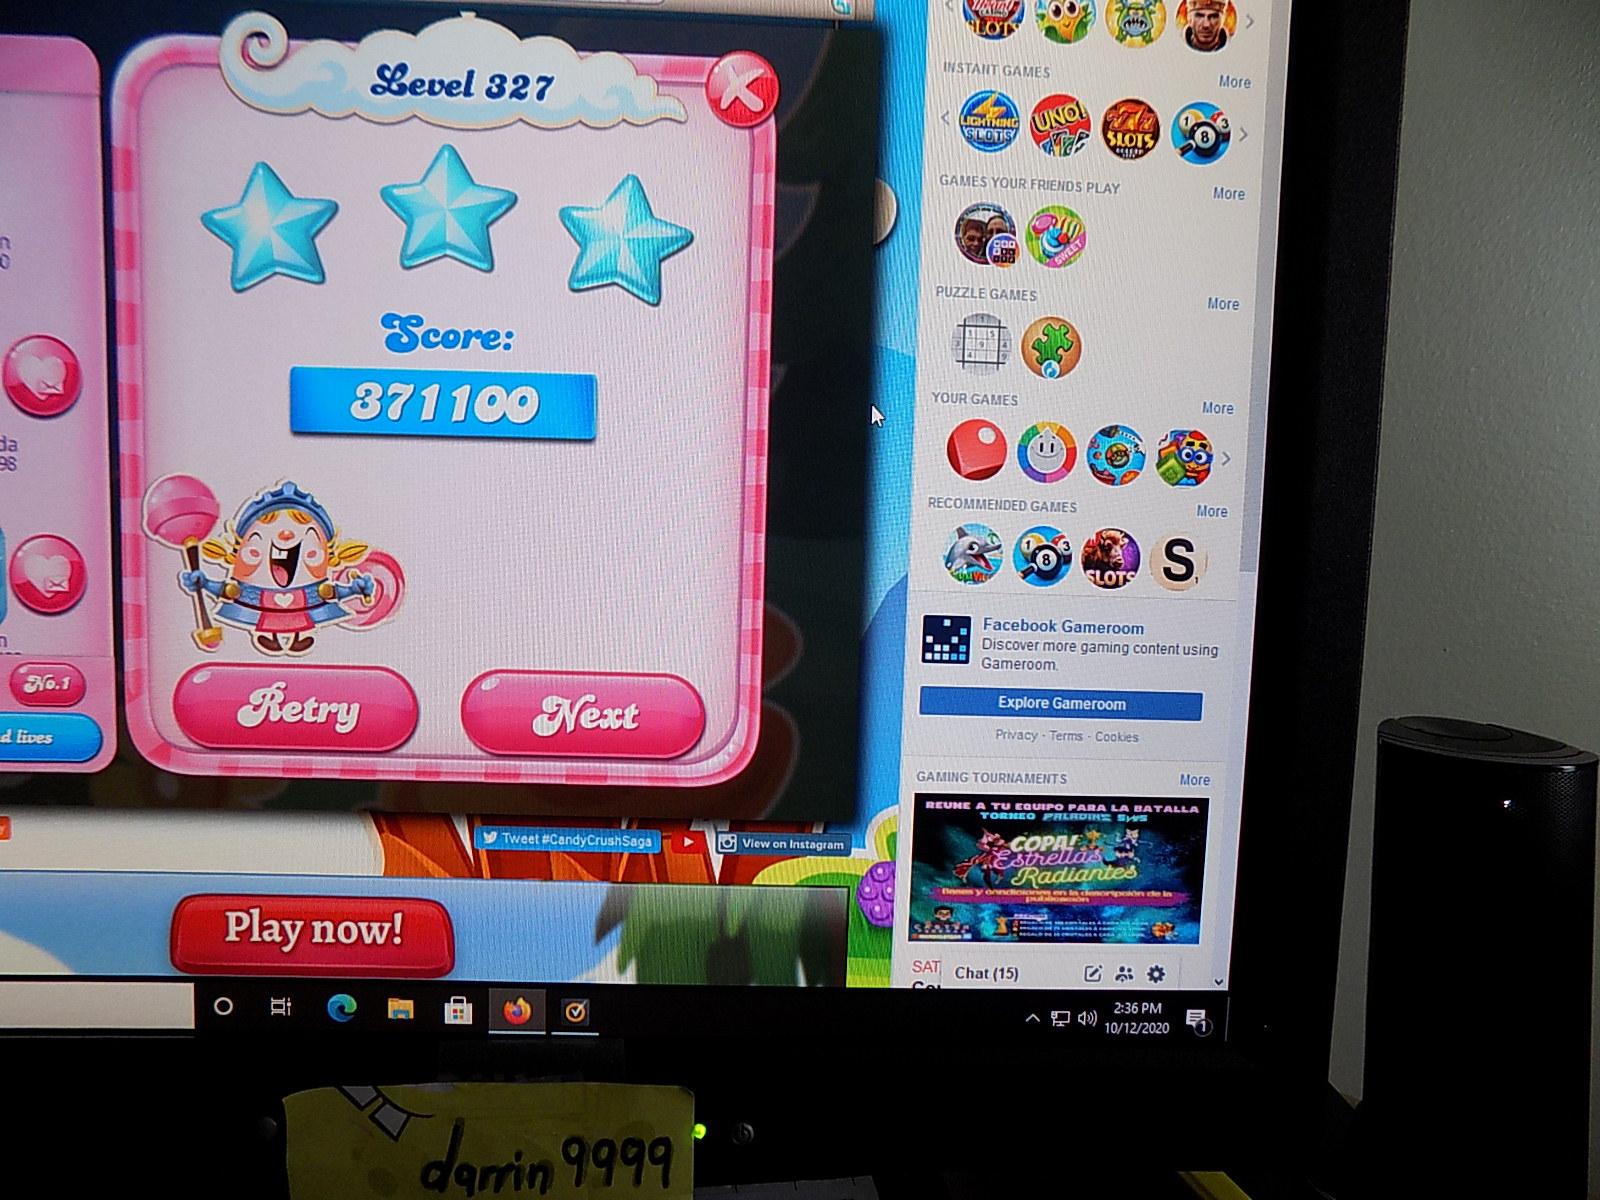 darrin9999: Candy Crush Saga: Level 327 (Web) 371,100 points on 2021-04-29 14:28:34